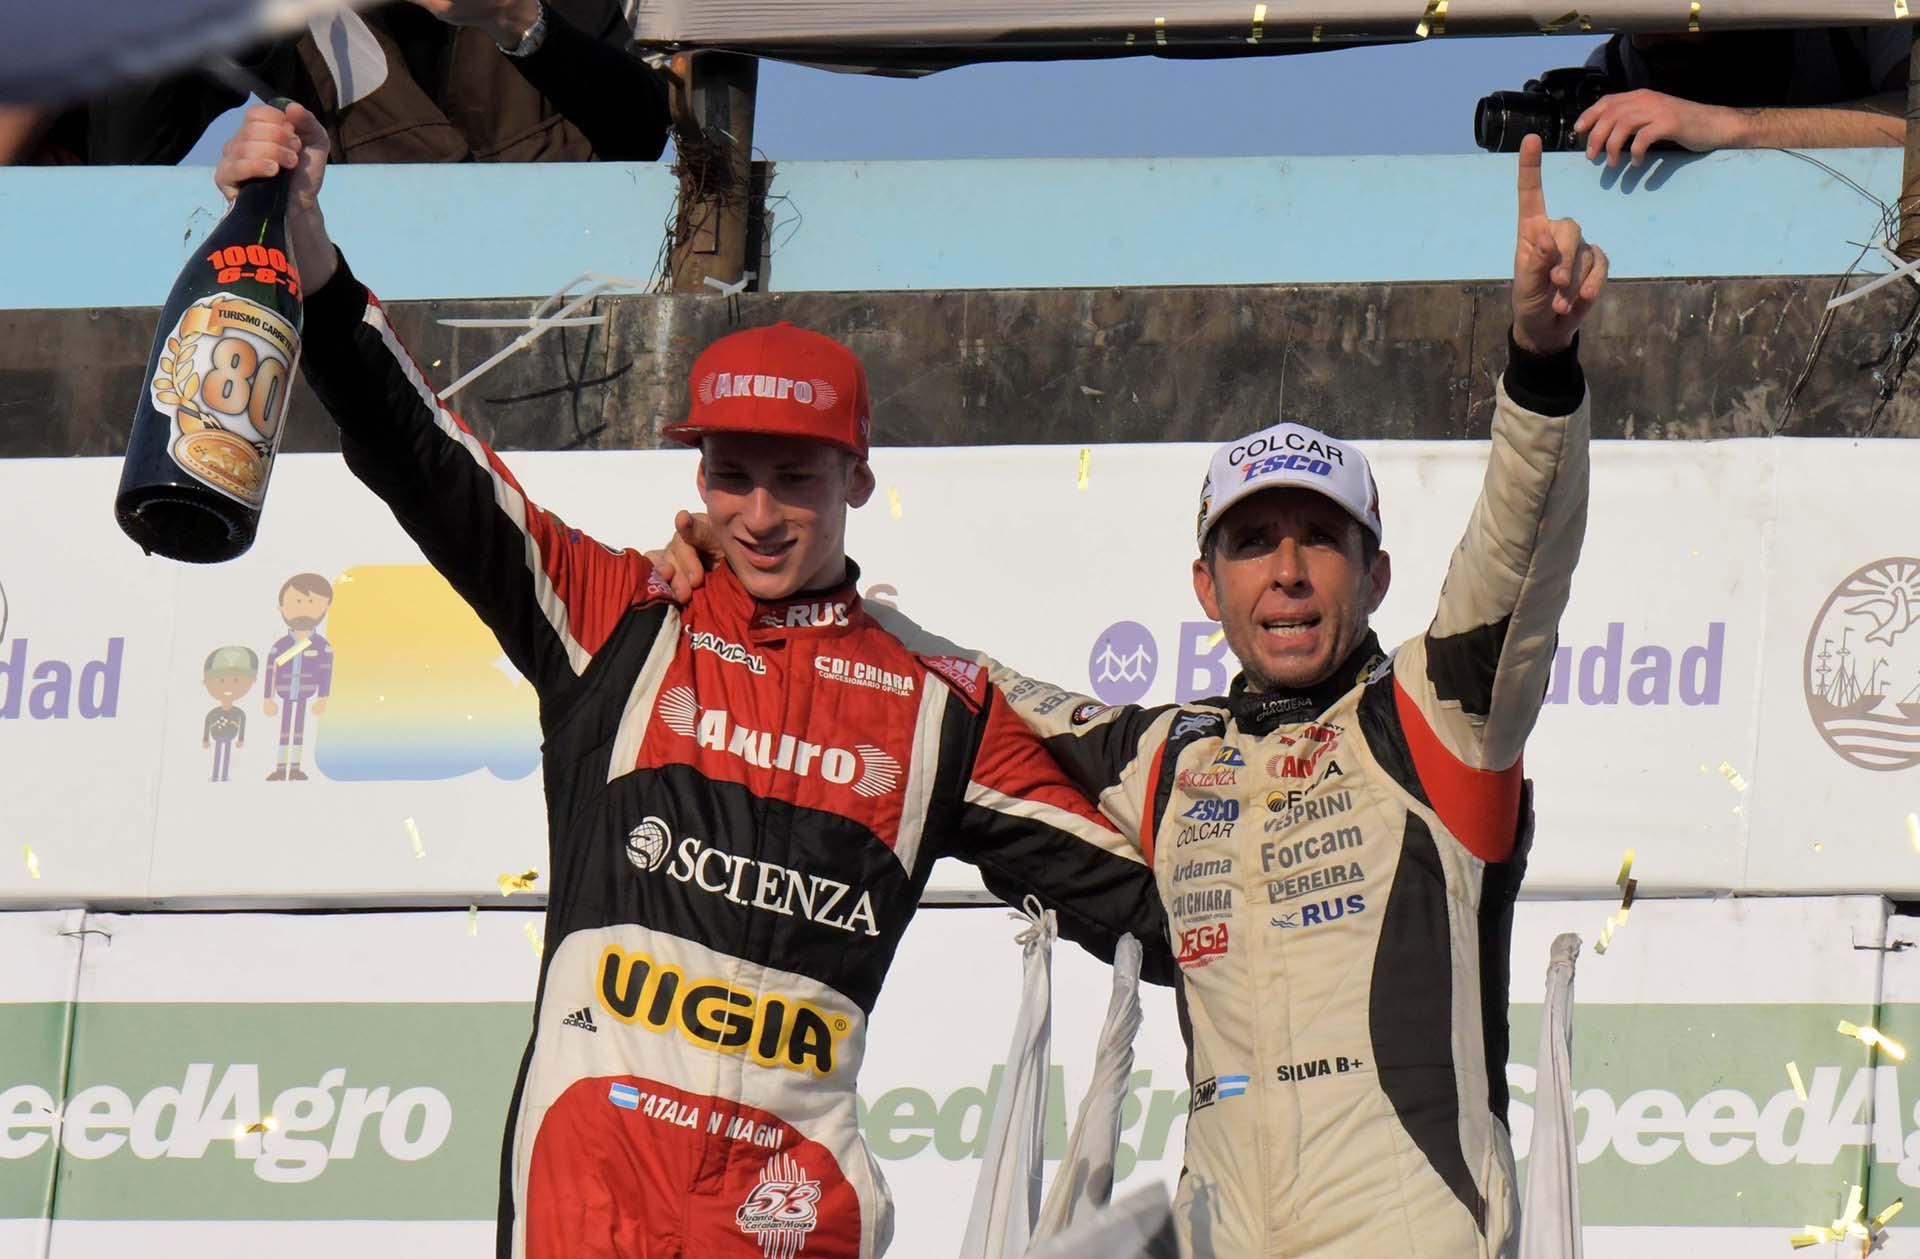 El piloto de Ford Juan Manuel Silva -que corrió junto con Juan Tomás Catalán Magni- se adjudicó los 1.000 kilómetros del Turismo Carretera, prueba especial a 178 vueltas por los 80 años de la popular categoría automovilística, realizada en el Autódromo Gálvez